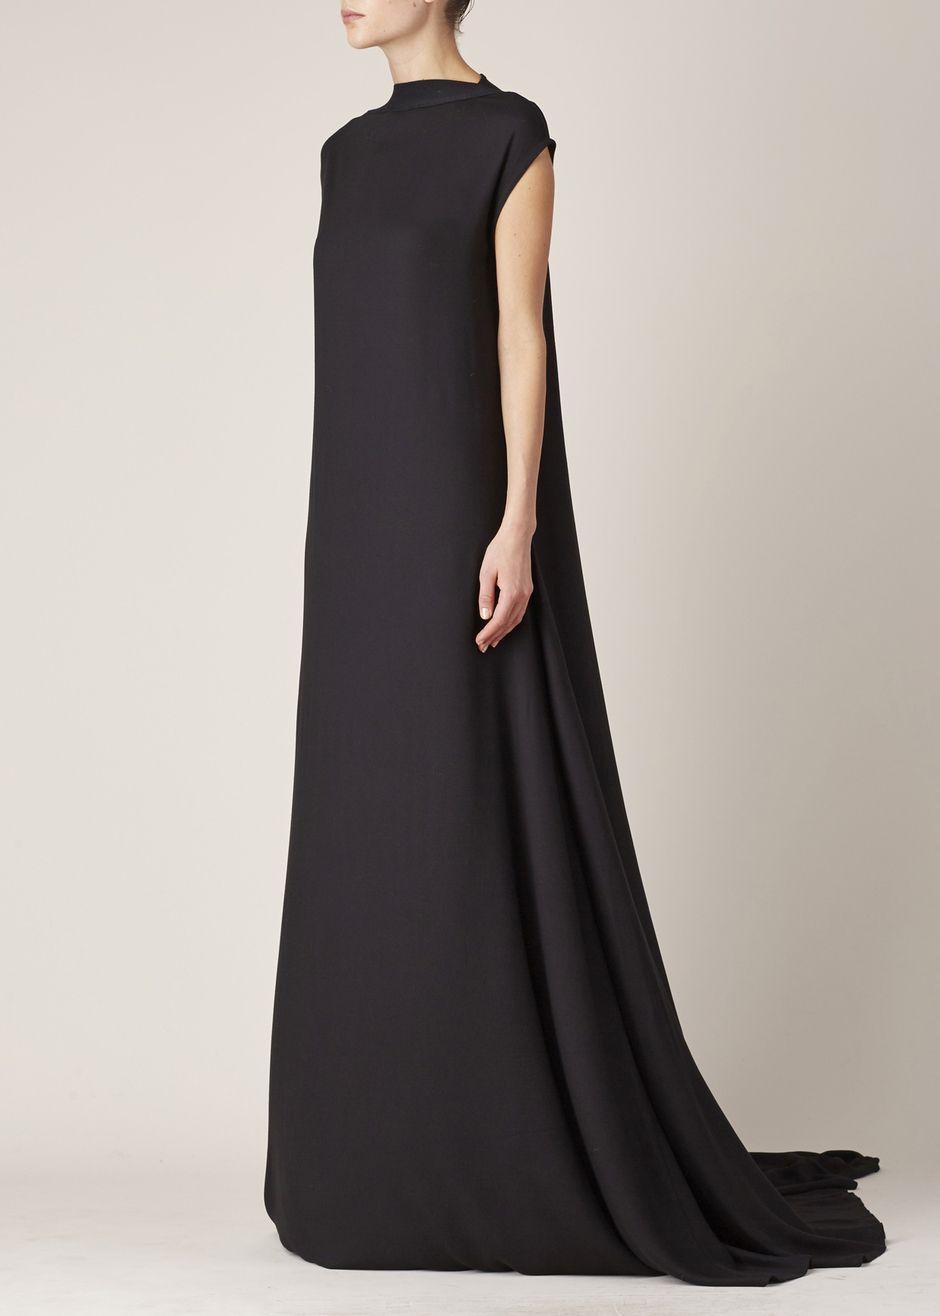 Ann Demeulemeester Infinity Dress Black Wealthy Widow